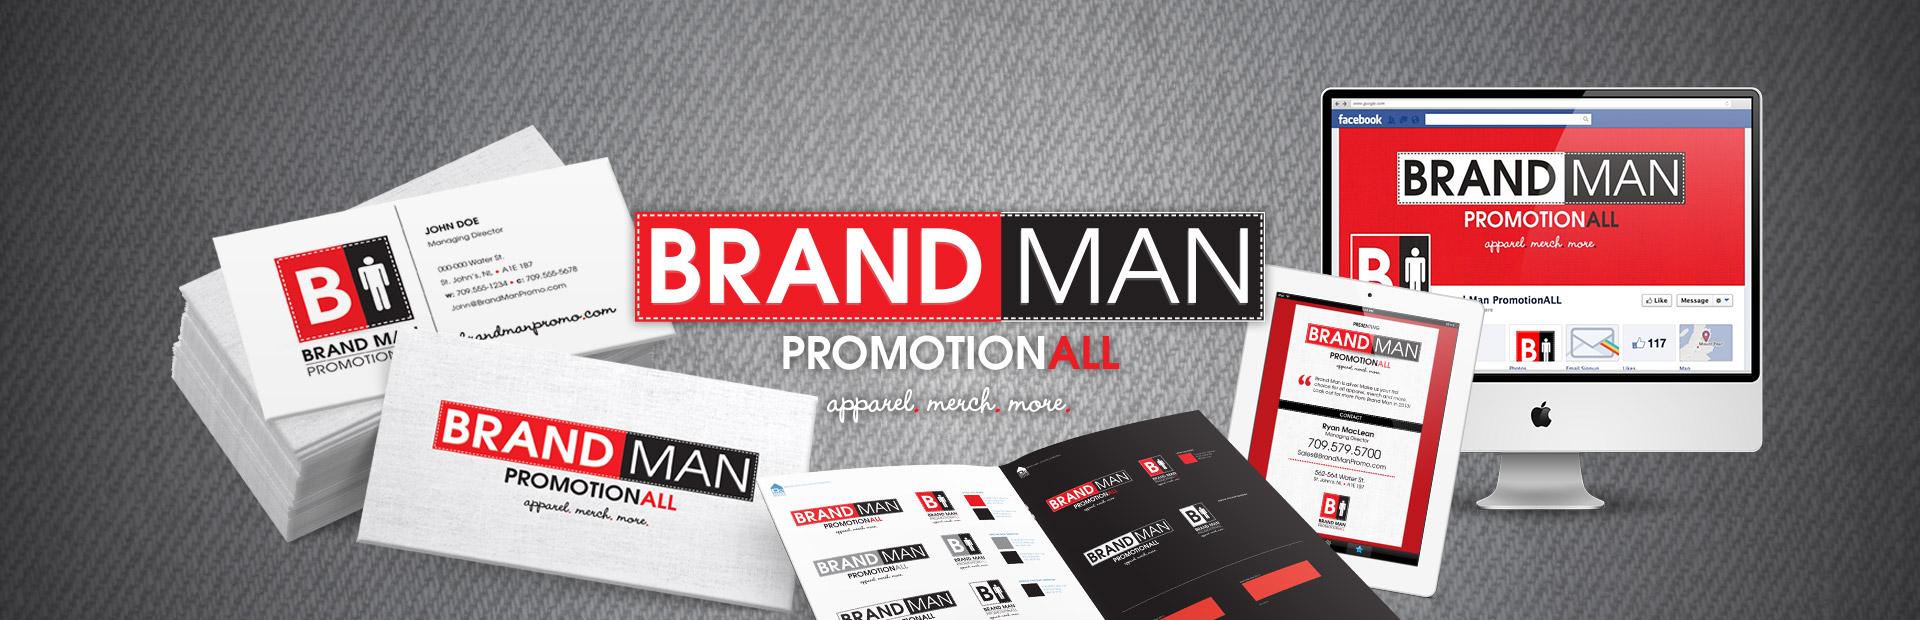 Branding for Brand Man